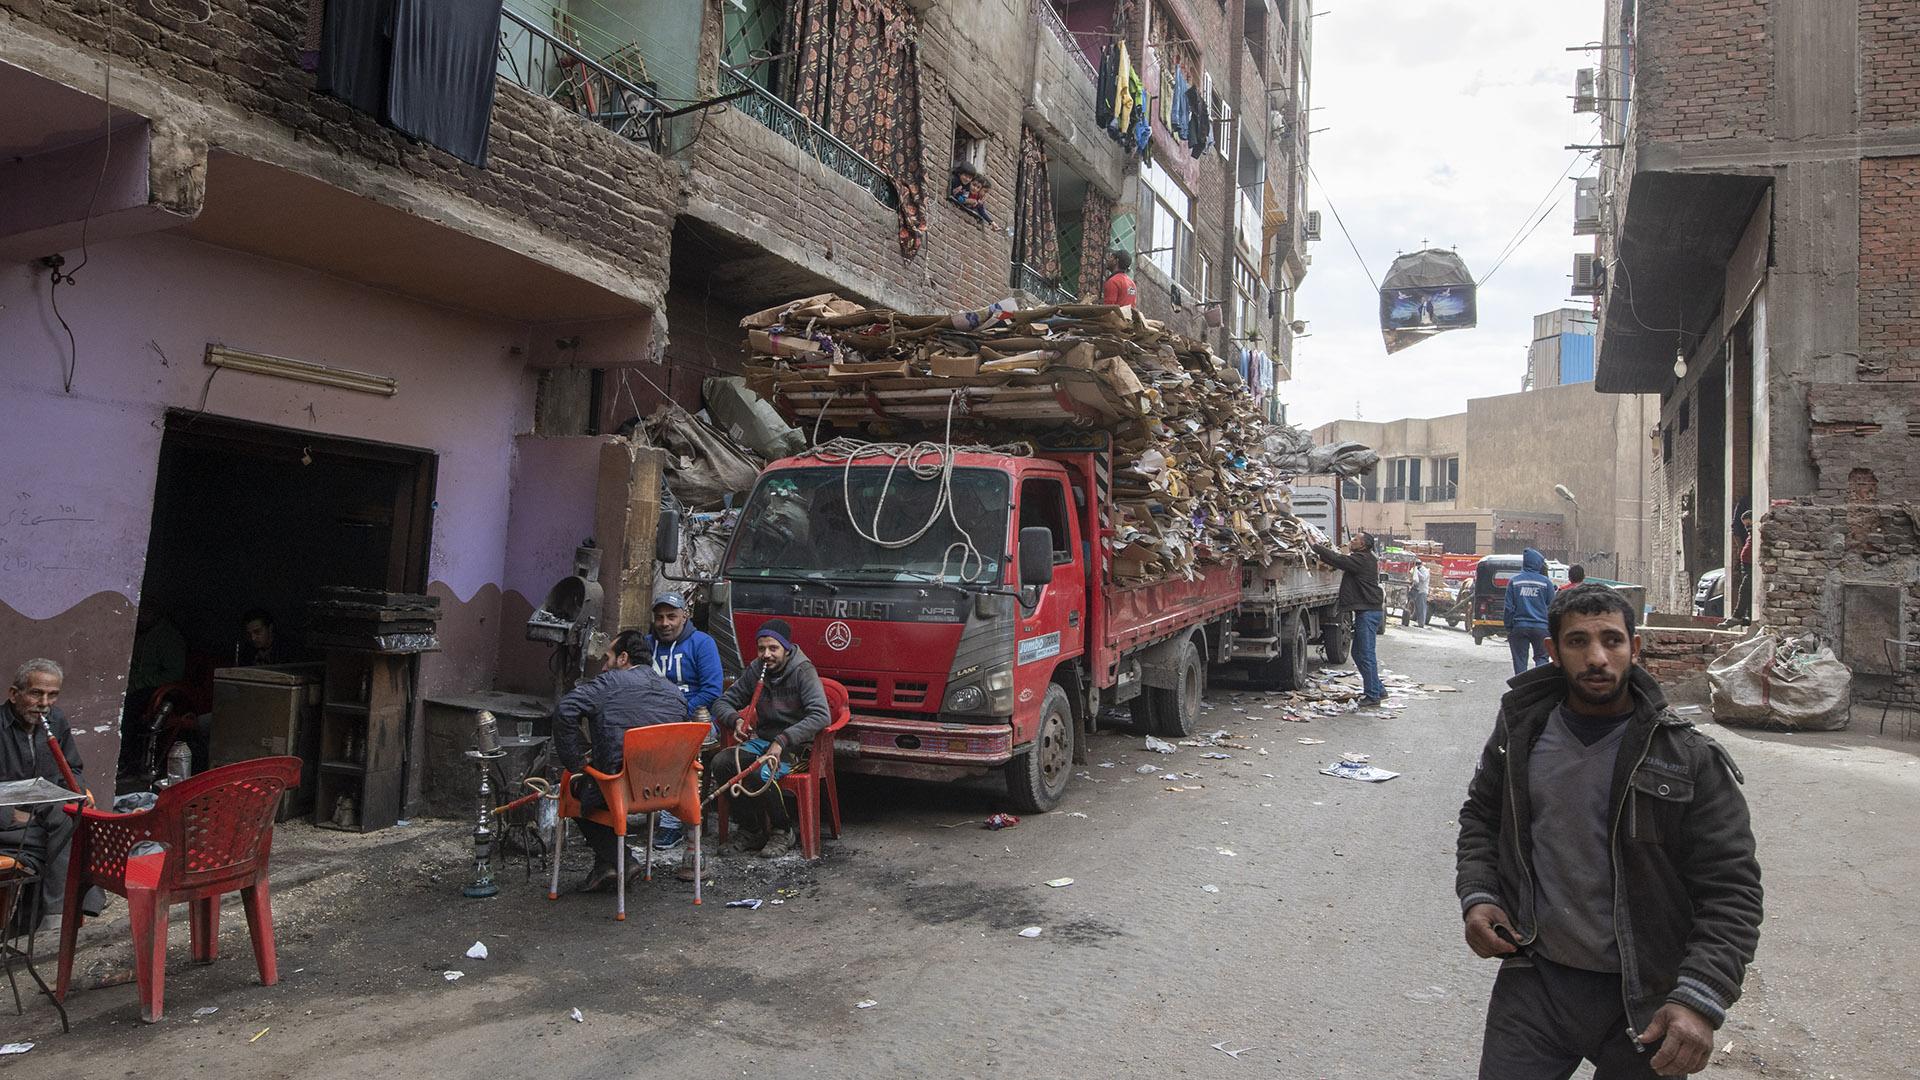 20190111 Cairo 519